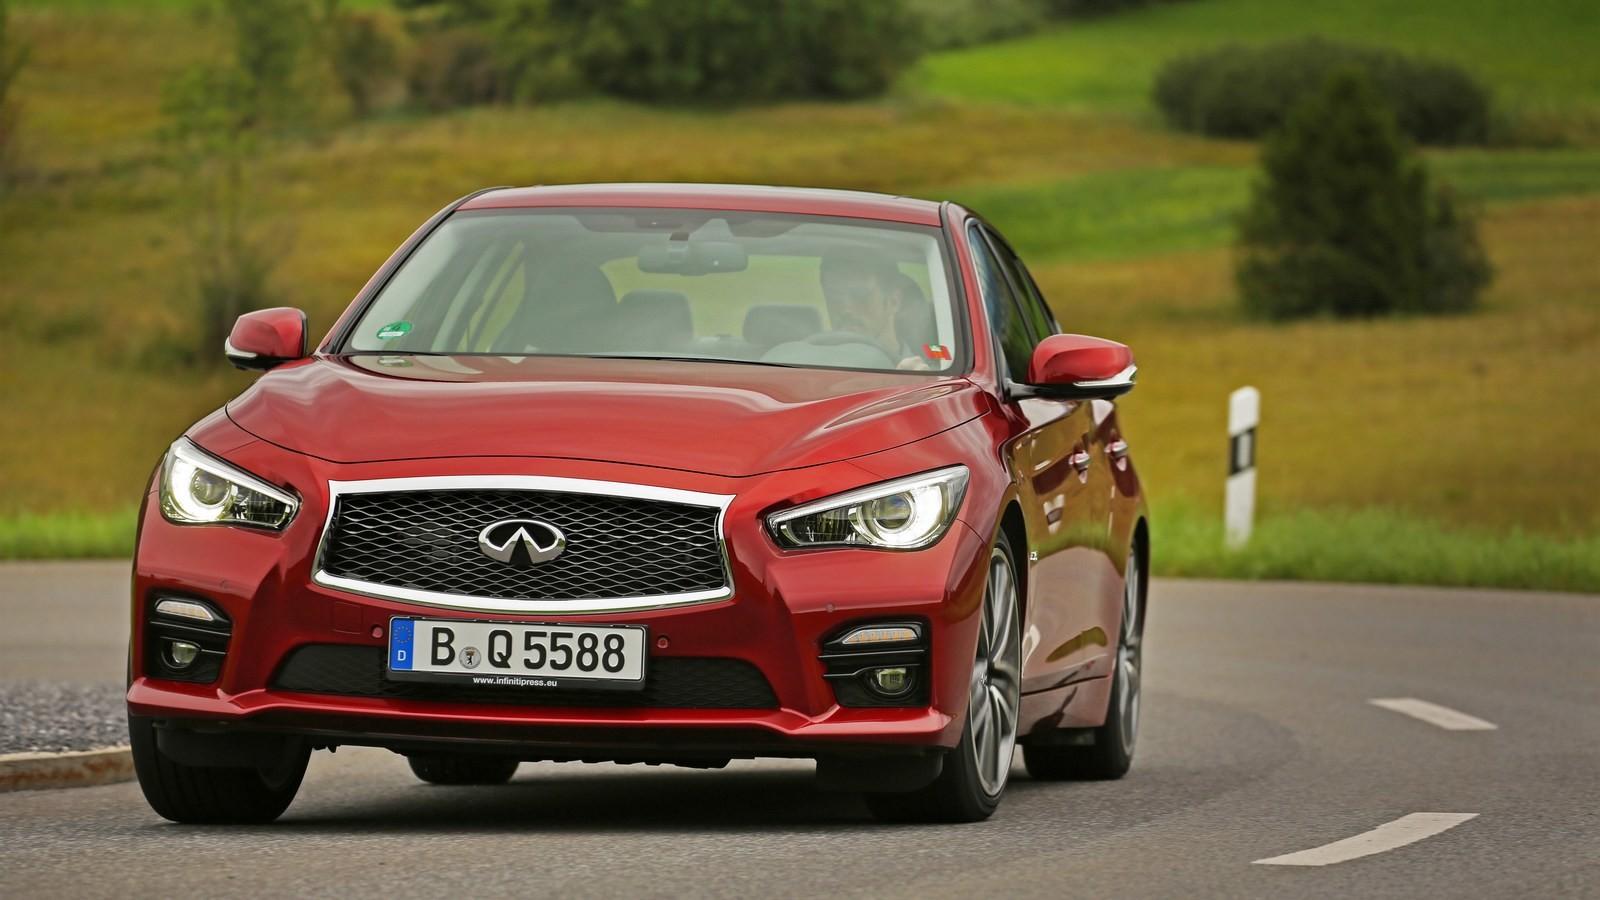 Компания Infinity вЖеневе представит обновленный тип  седана Q50